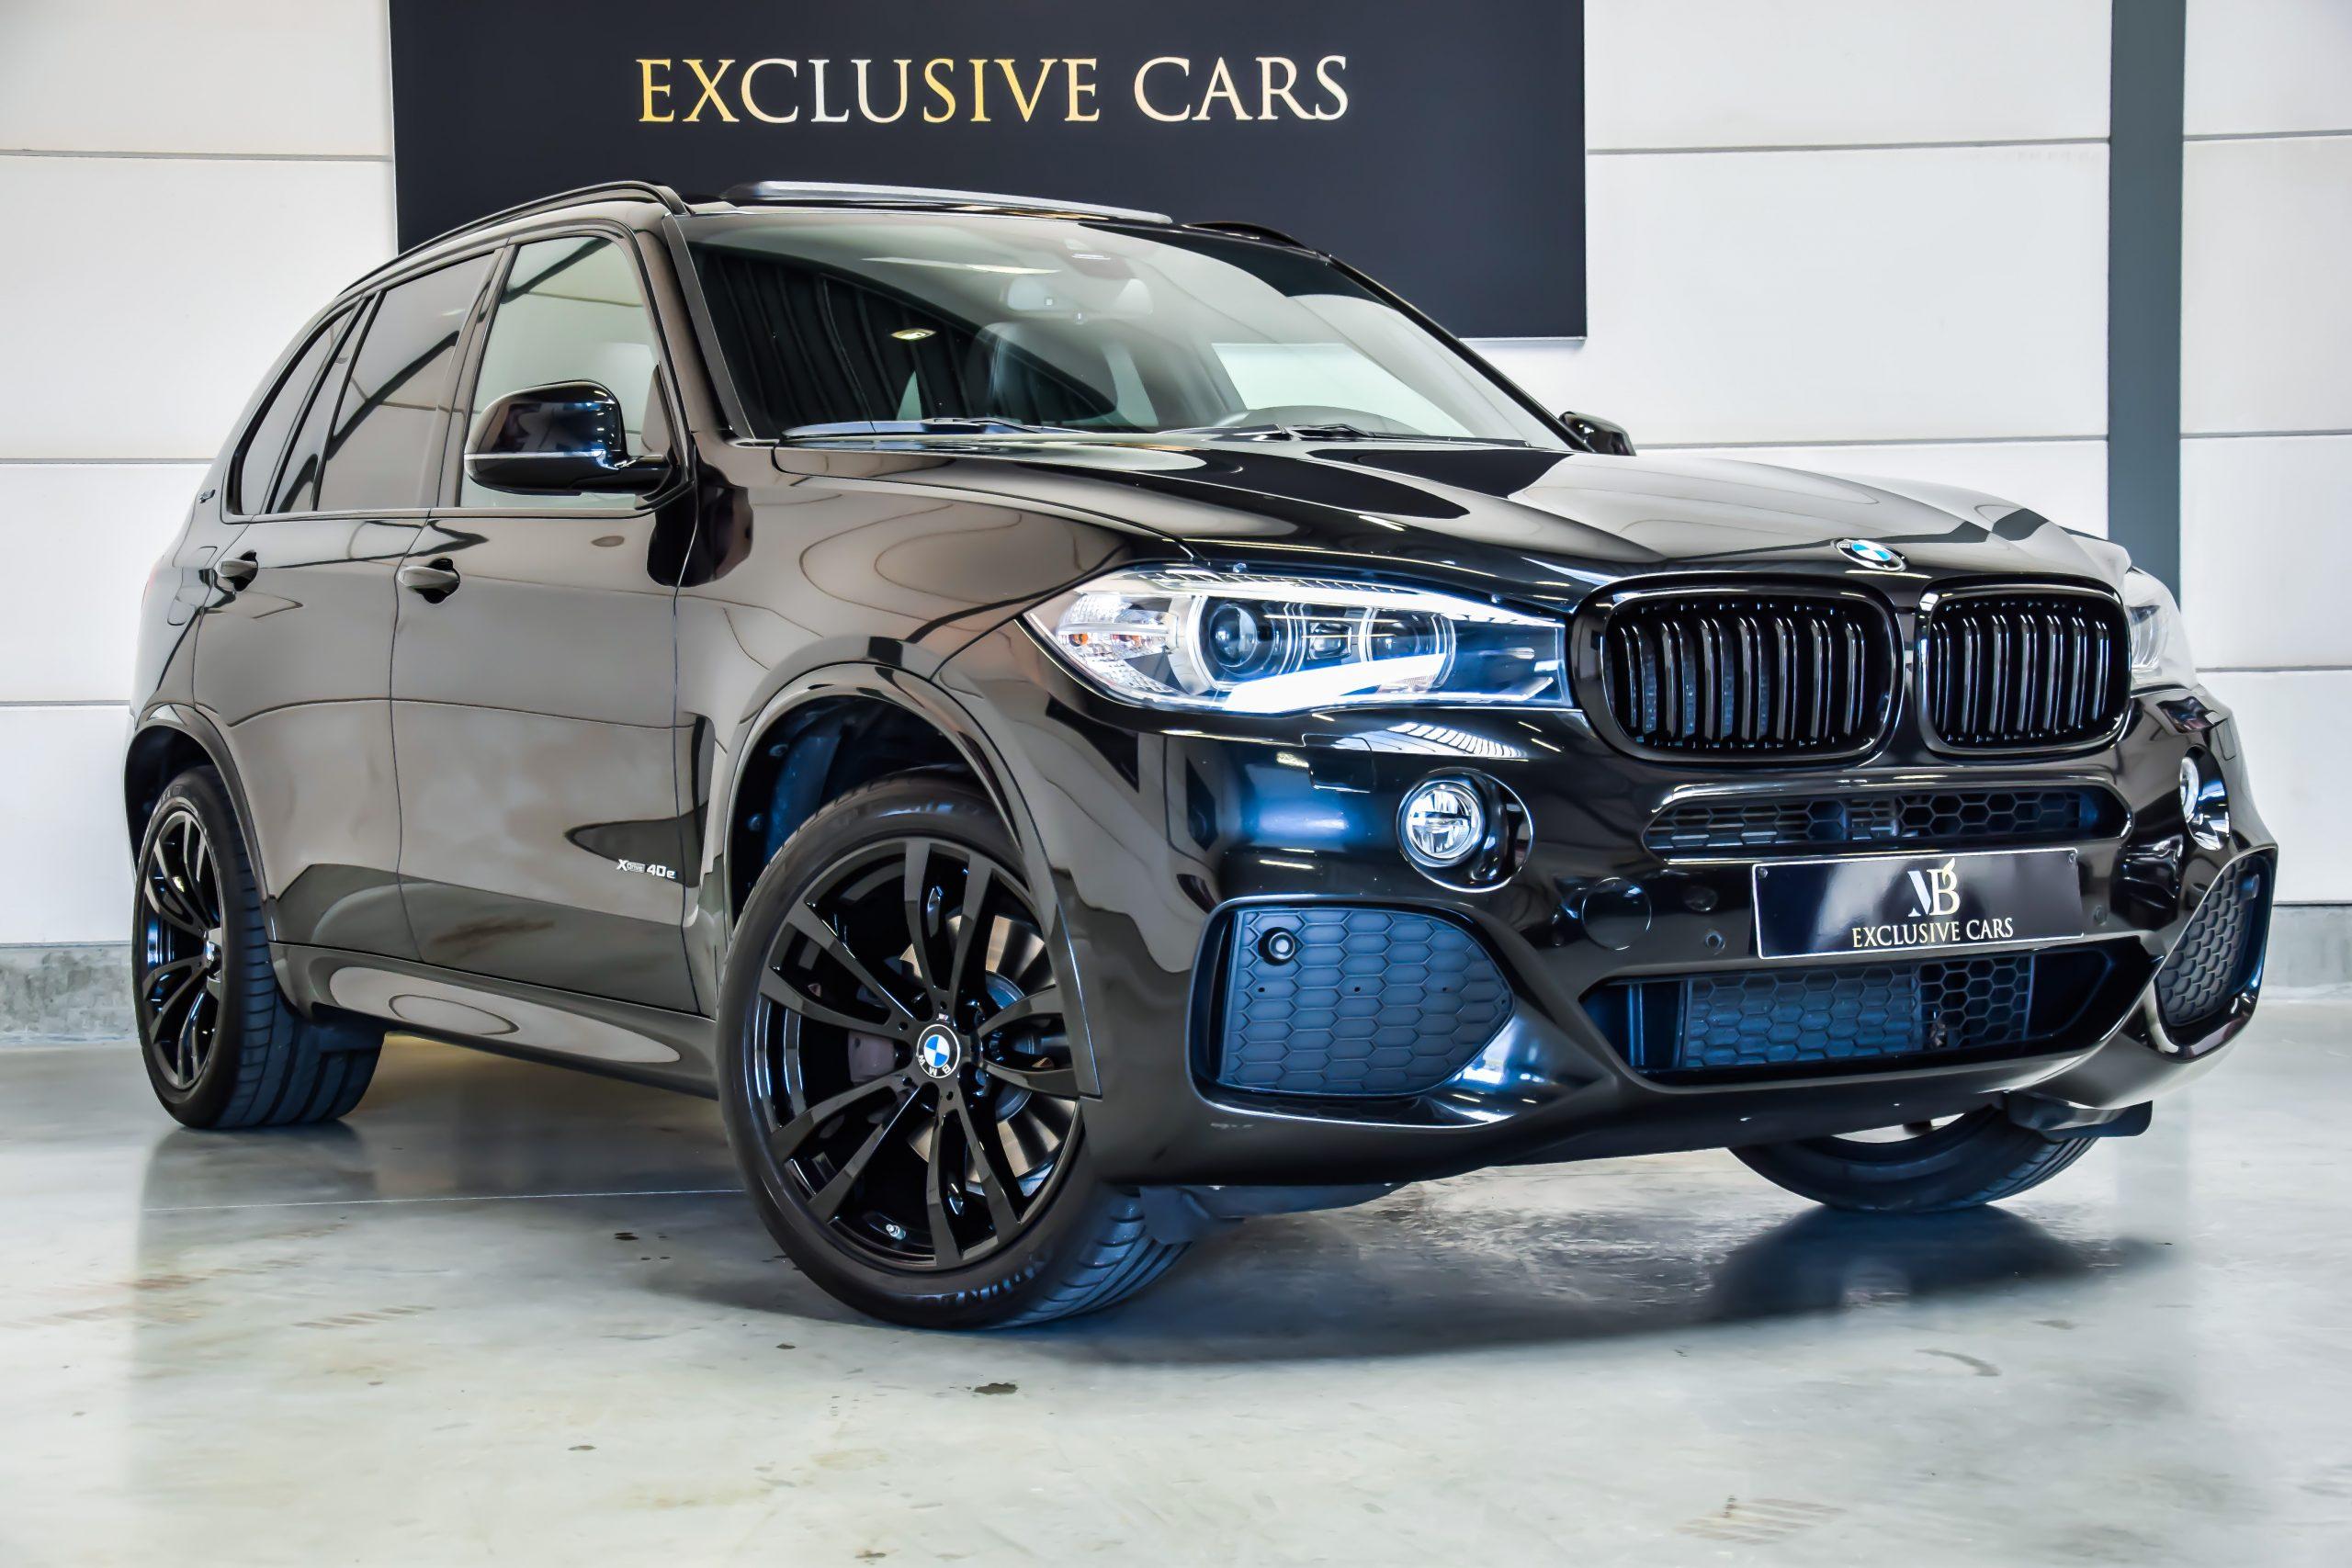 BMW X5 2.0A xDrive40e M-Sportpakket Black Edition 12/2017